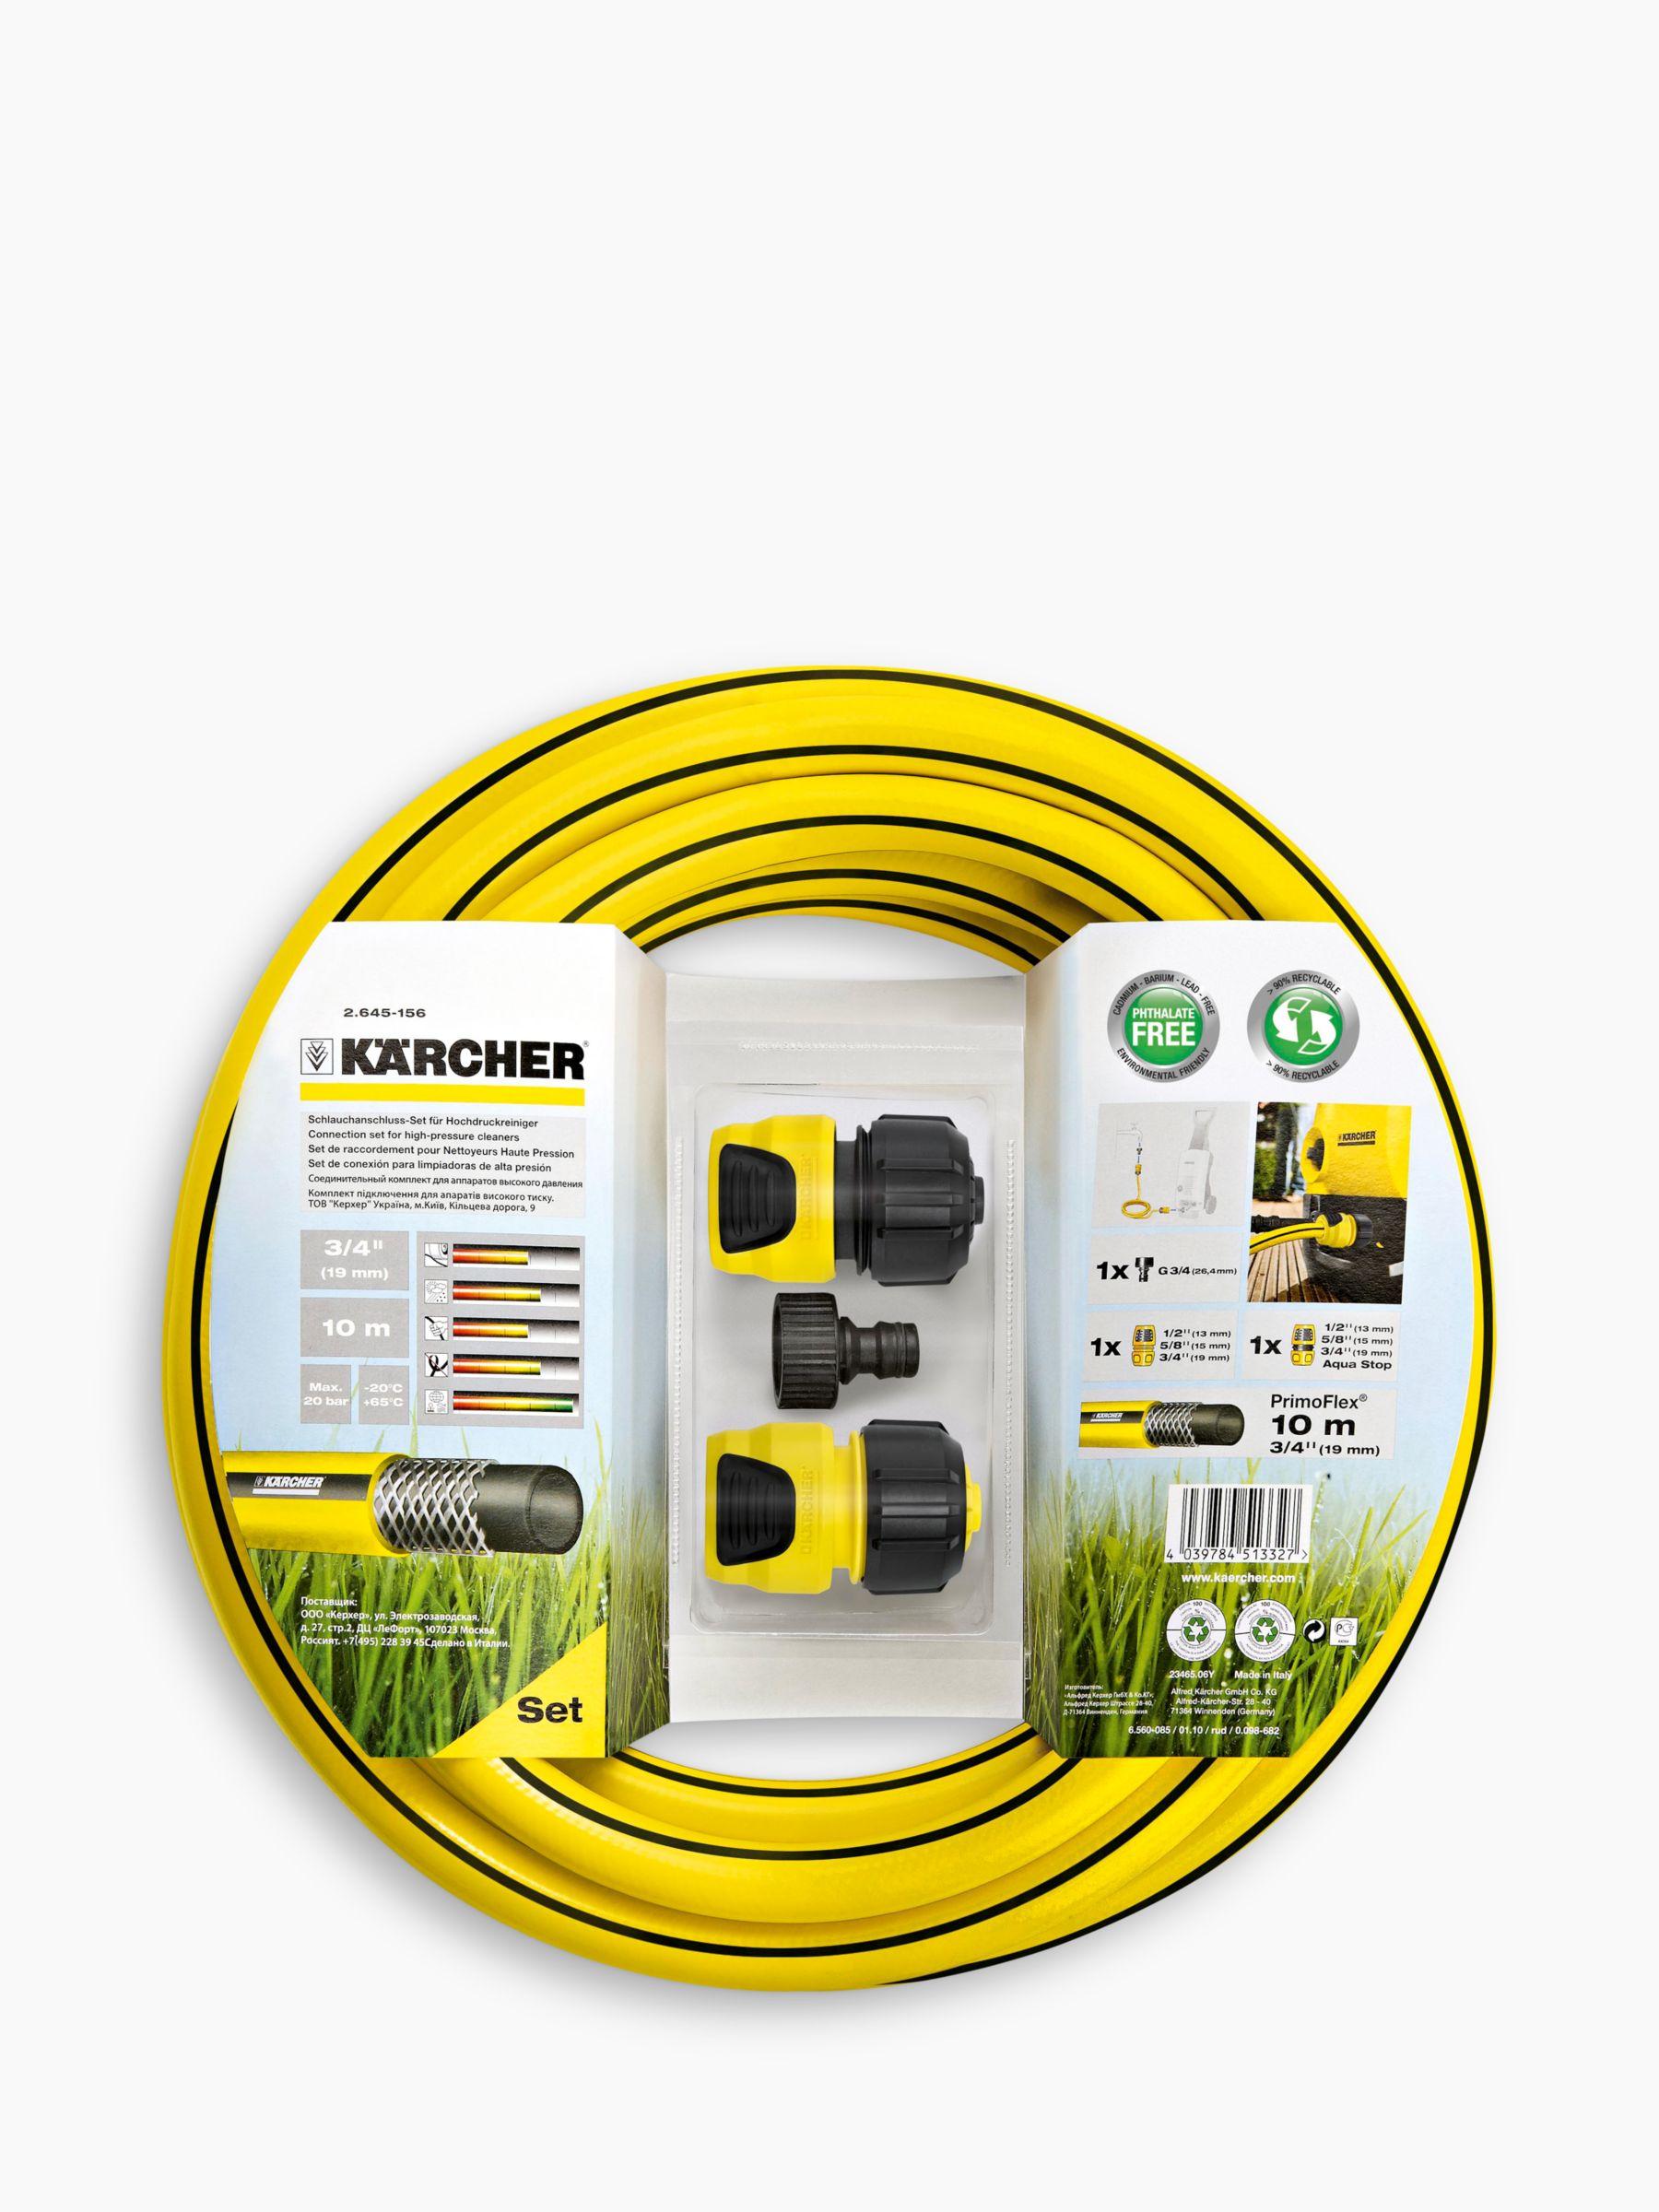 Karcher Kärcher Hose Connector Set